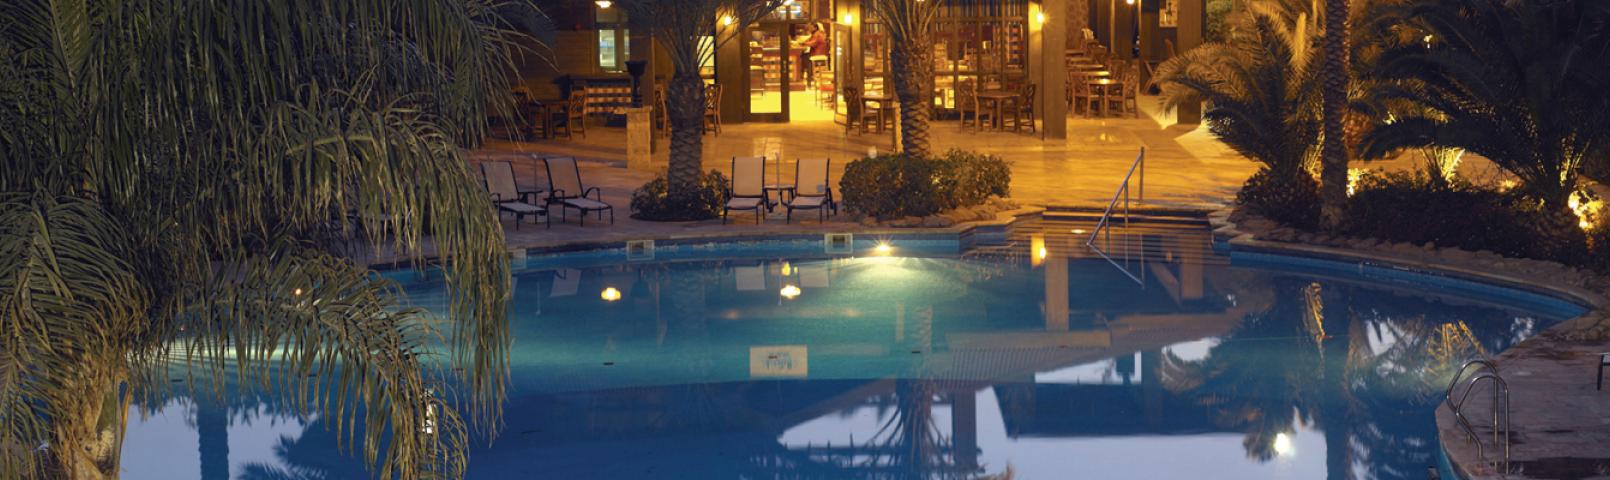 Mövenpick Resort & Residences Aqaba